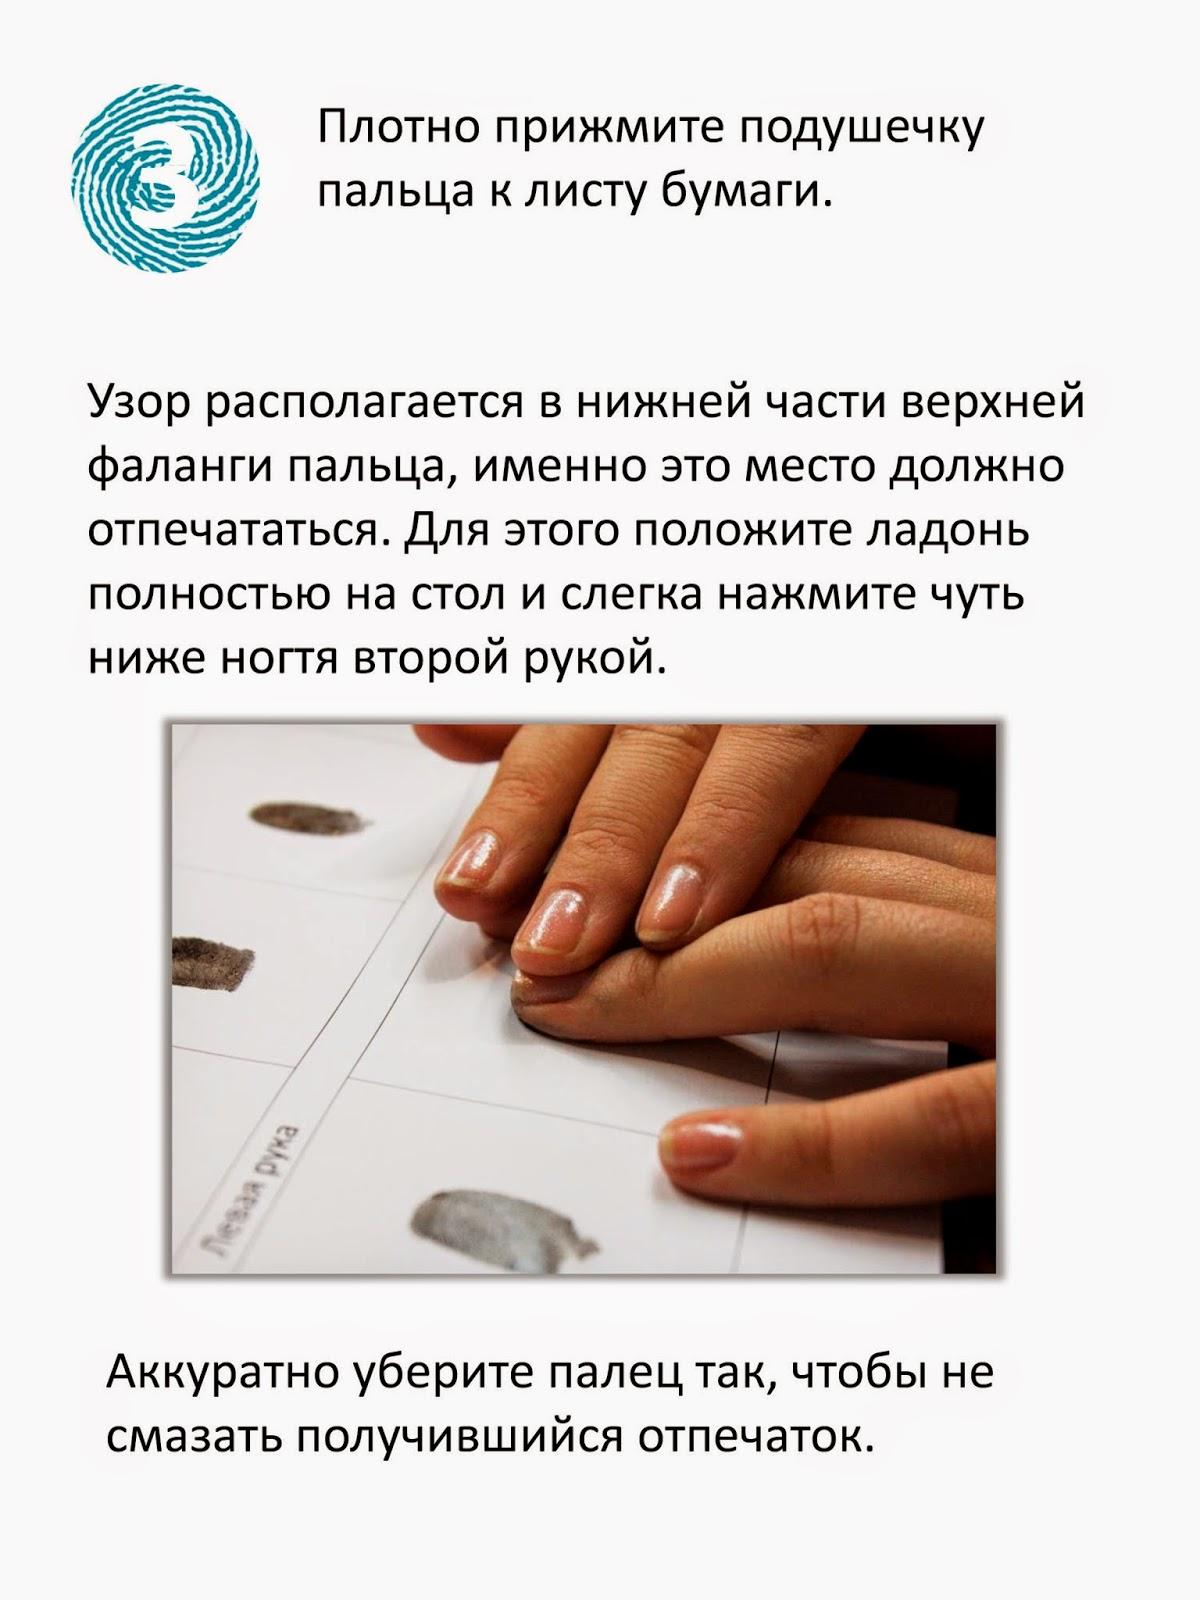 Как снимать отпечатки пальцев в домашних условиях с предметами 871